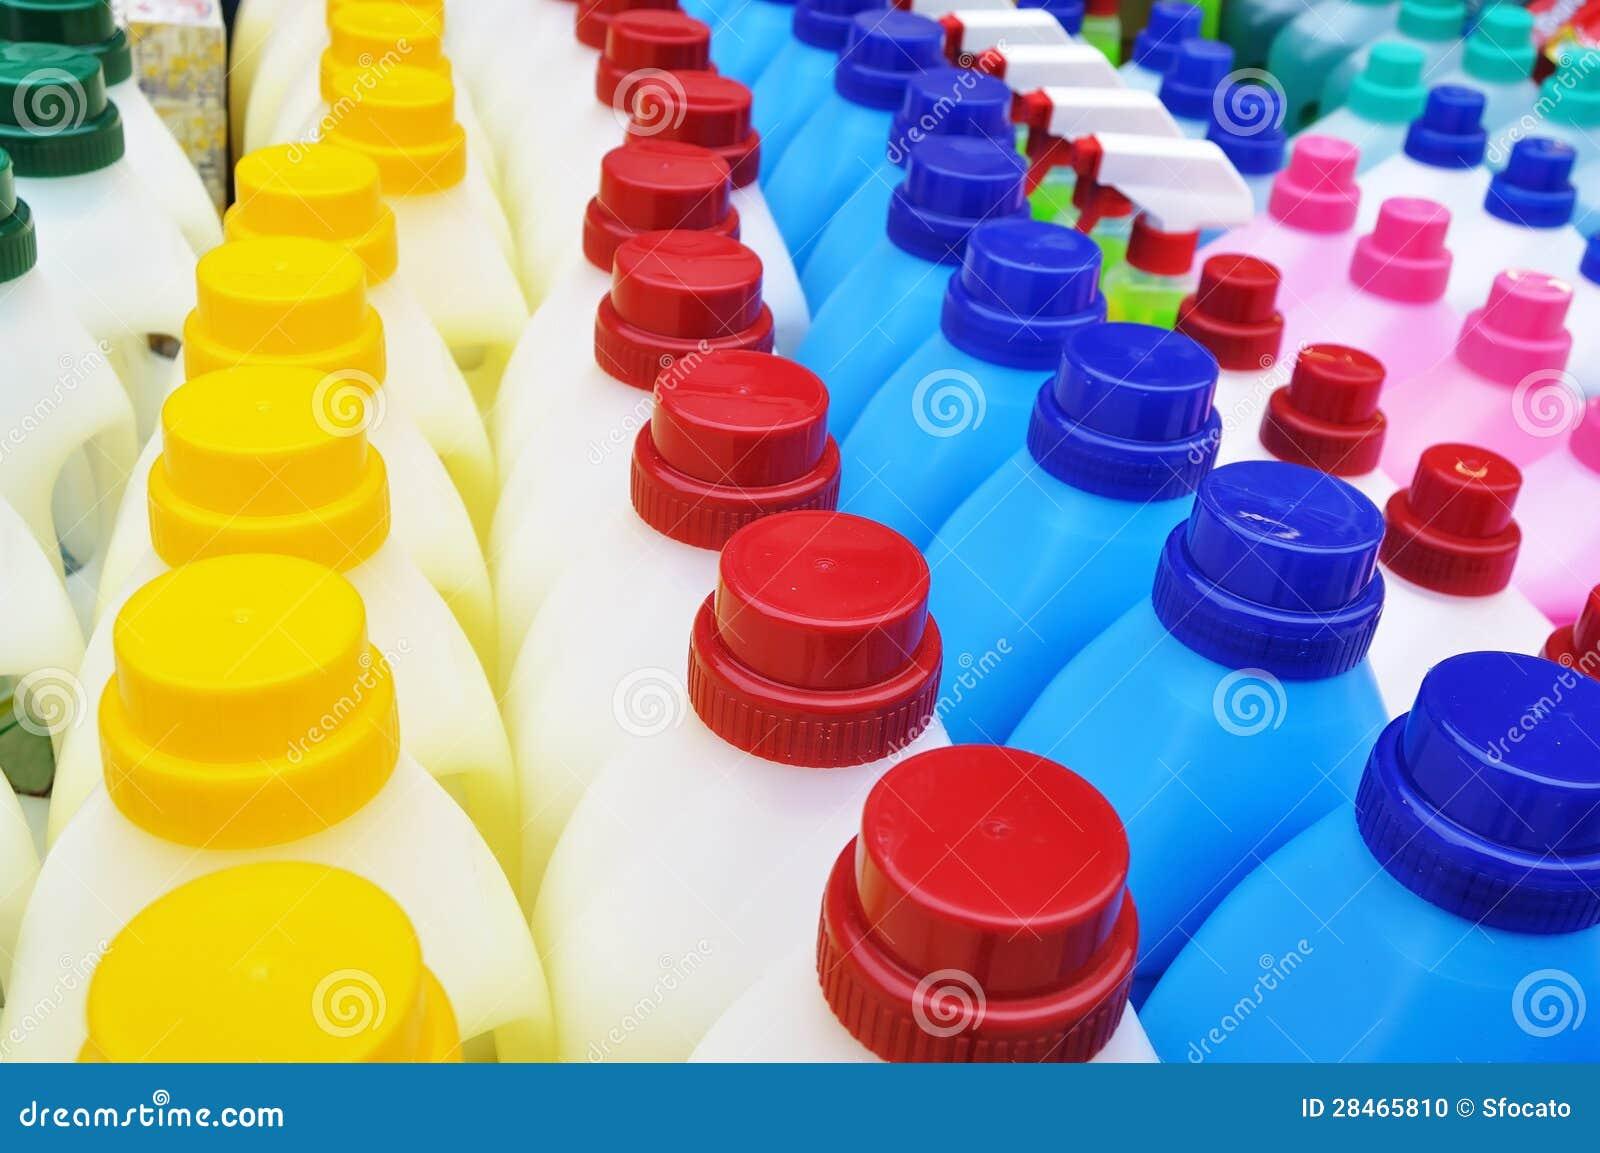 Reinigende Plastikflaschen - Reinigungsprodukte